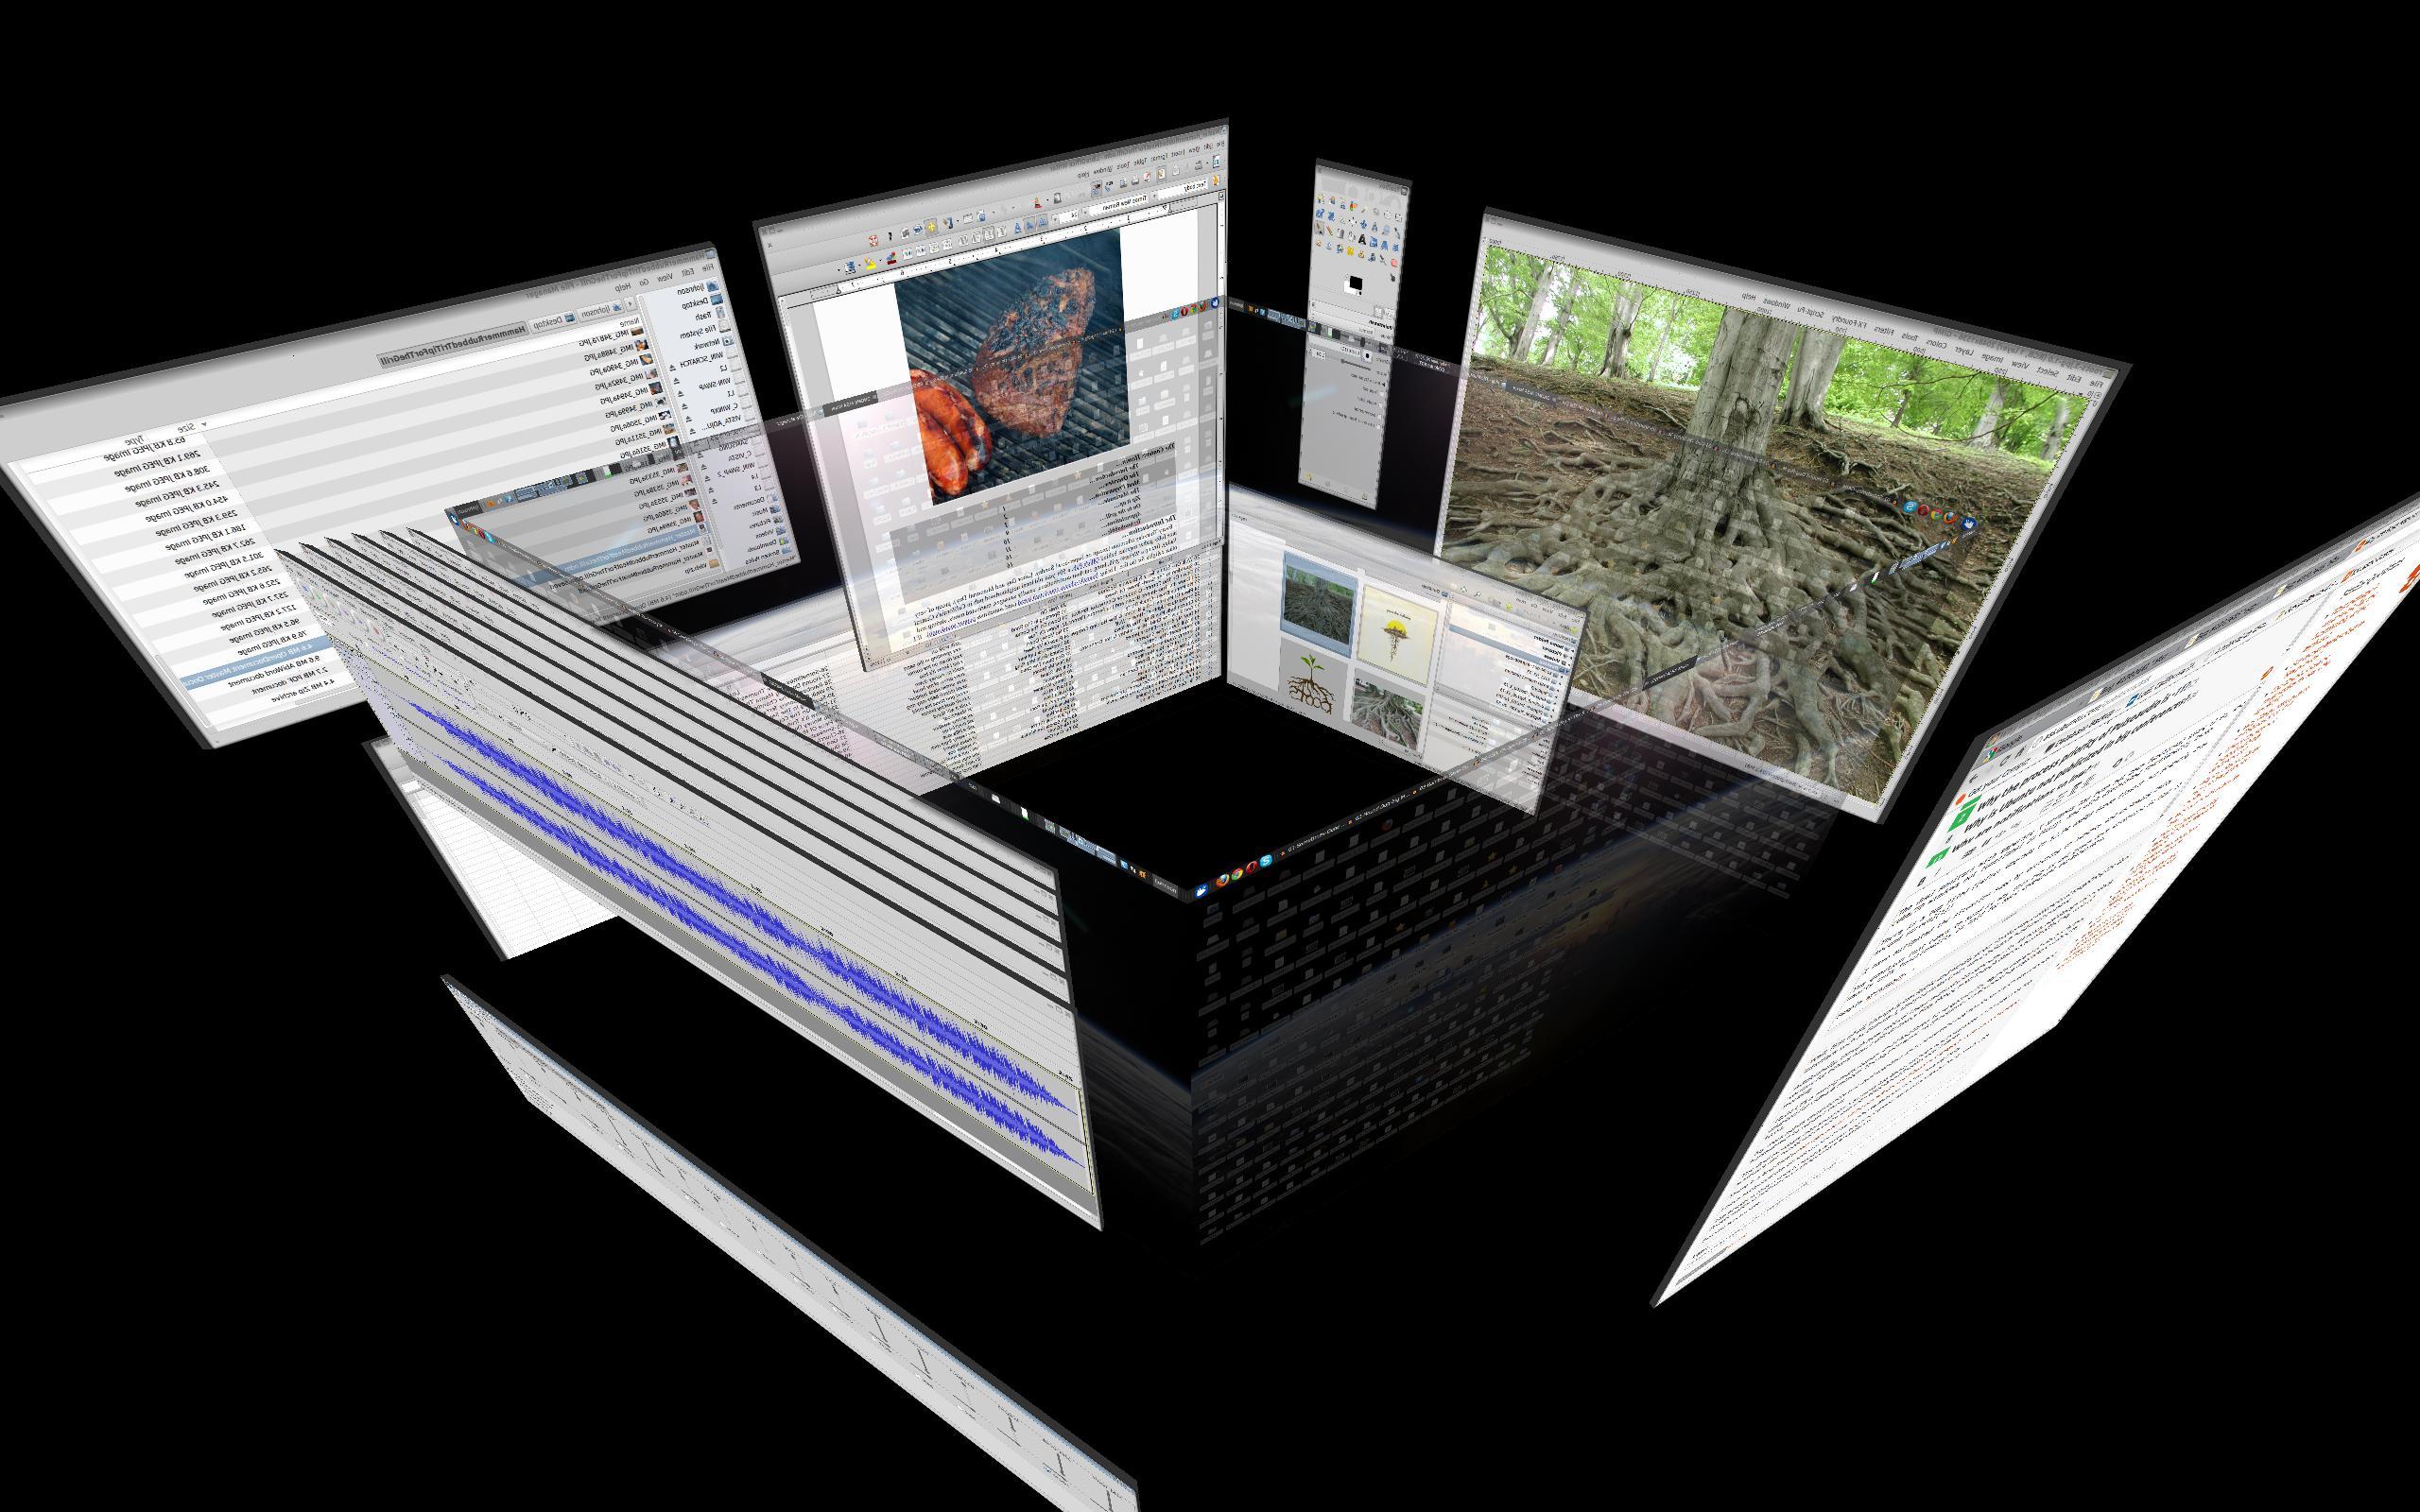 Un desktop con el clásico cubo de Compiz. Estaba muy de moda antes.